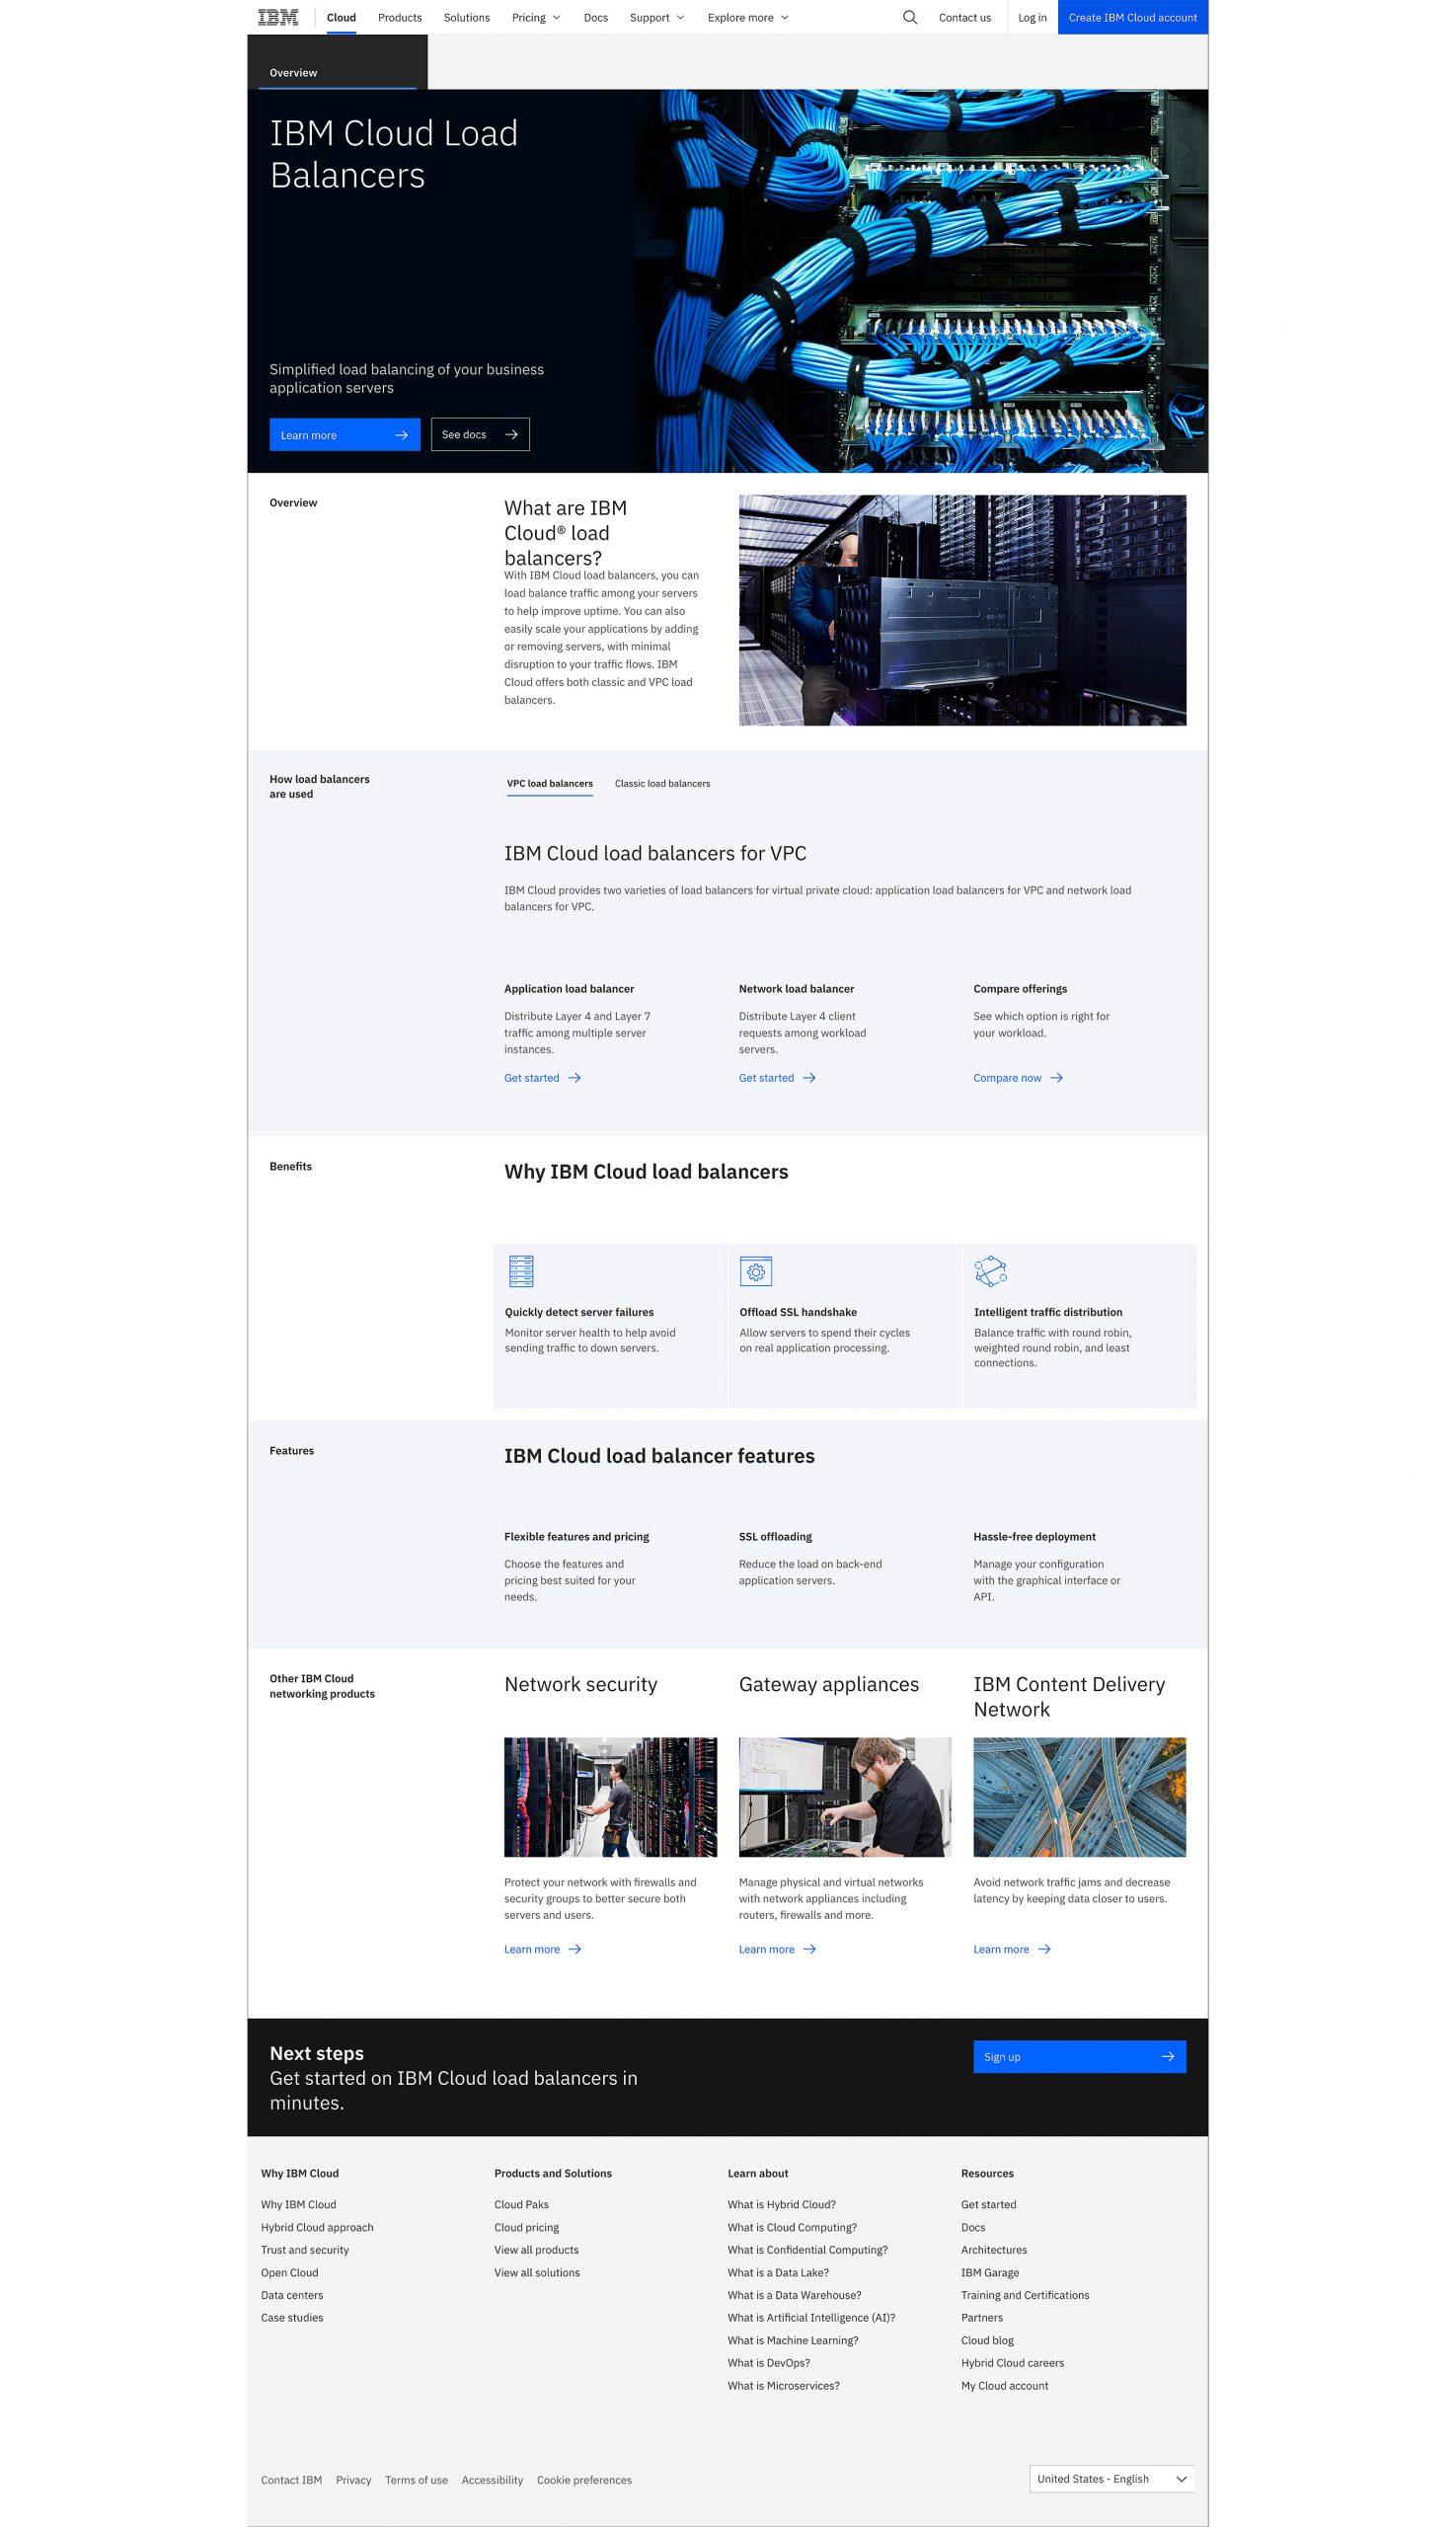 IBM Cloud Load Balancers copy 2